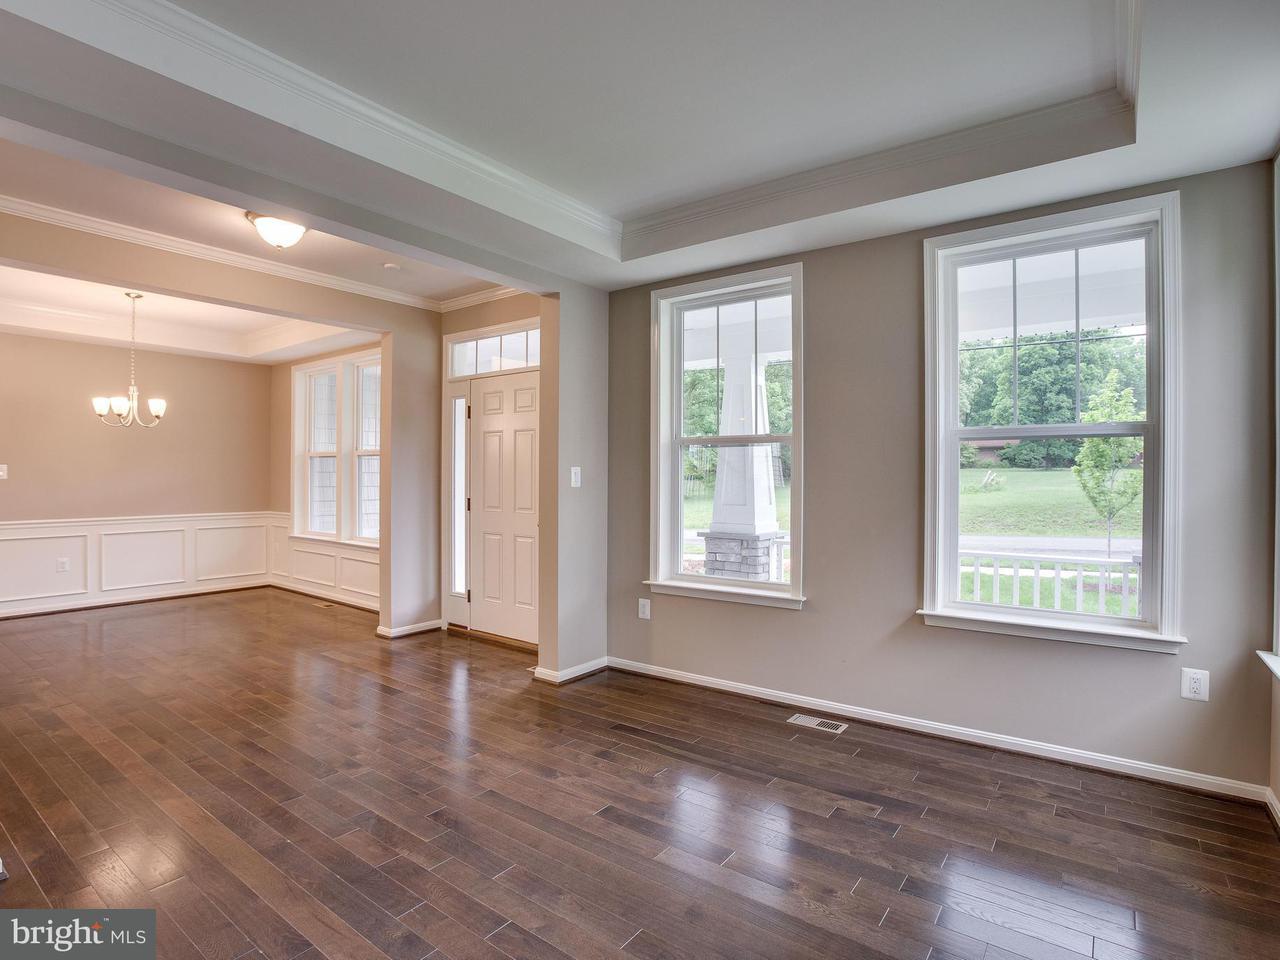 Частный односемейный дом для того Продажа на 8301 Old Sonoma Place 8301 Old Sonoma Place Bristow, Виргиния 20136 Соединенные Штаты